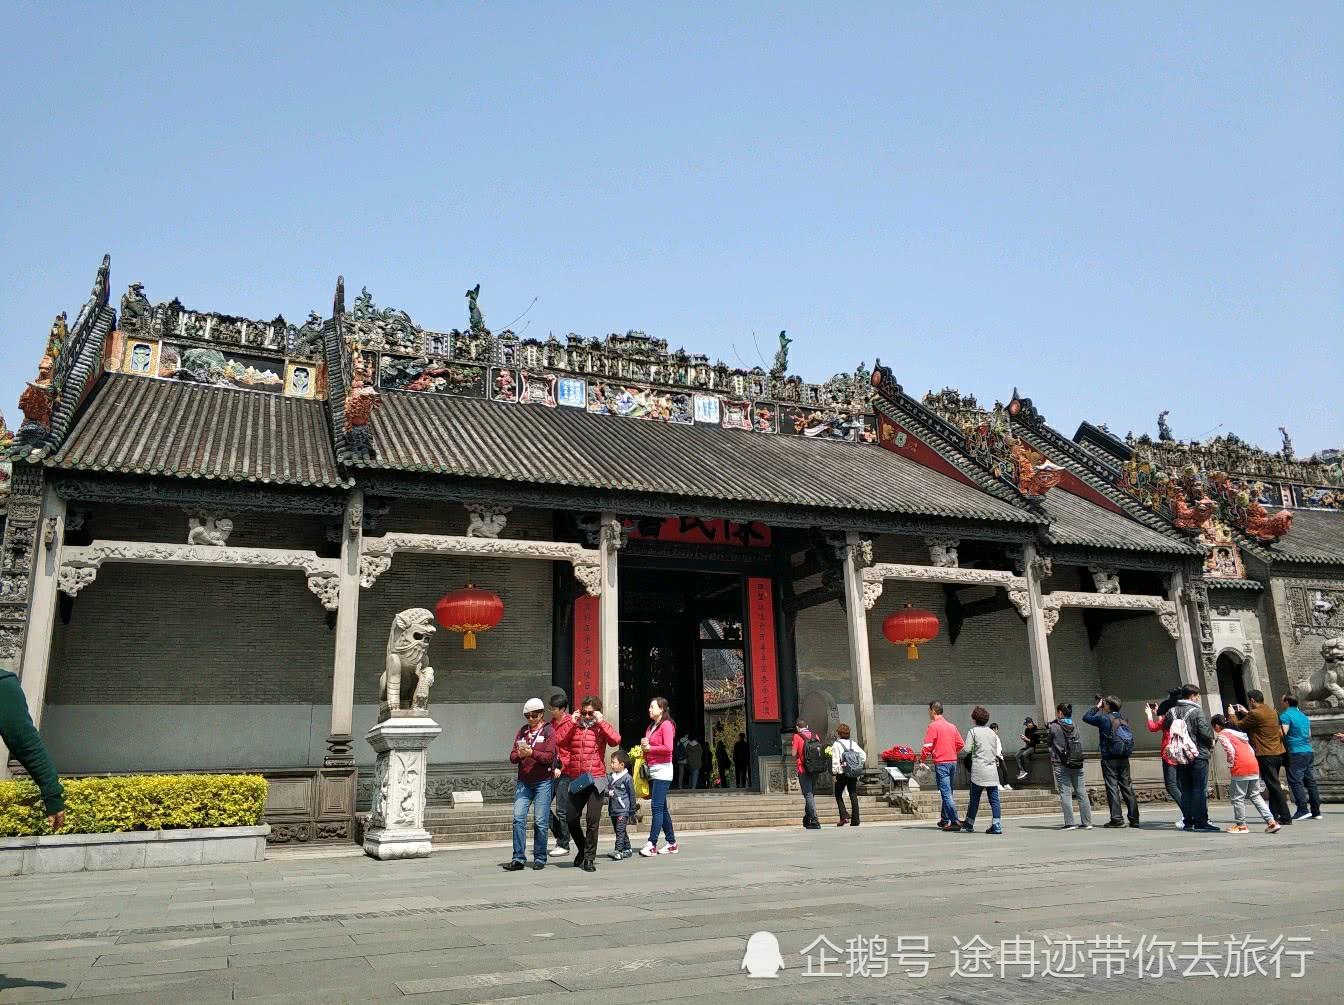 在广州这座大都市里,还保留着一座民间装饰艺术之大成的建筑